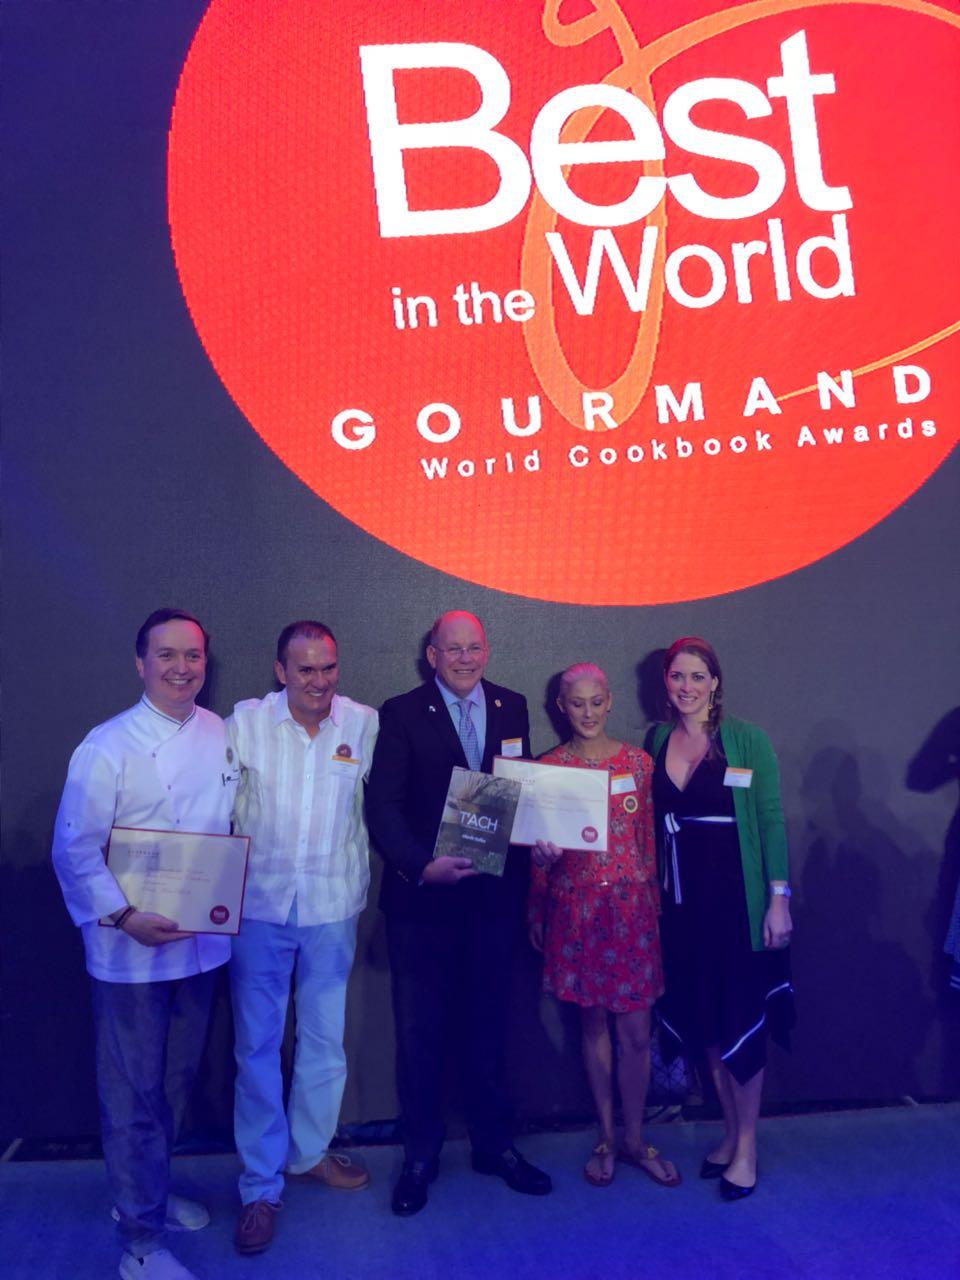 """Premiación en Yantai, China del Libro""""""""TÁCH del Chef Collins"""